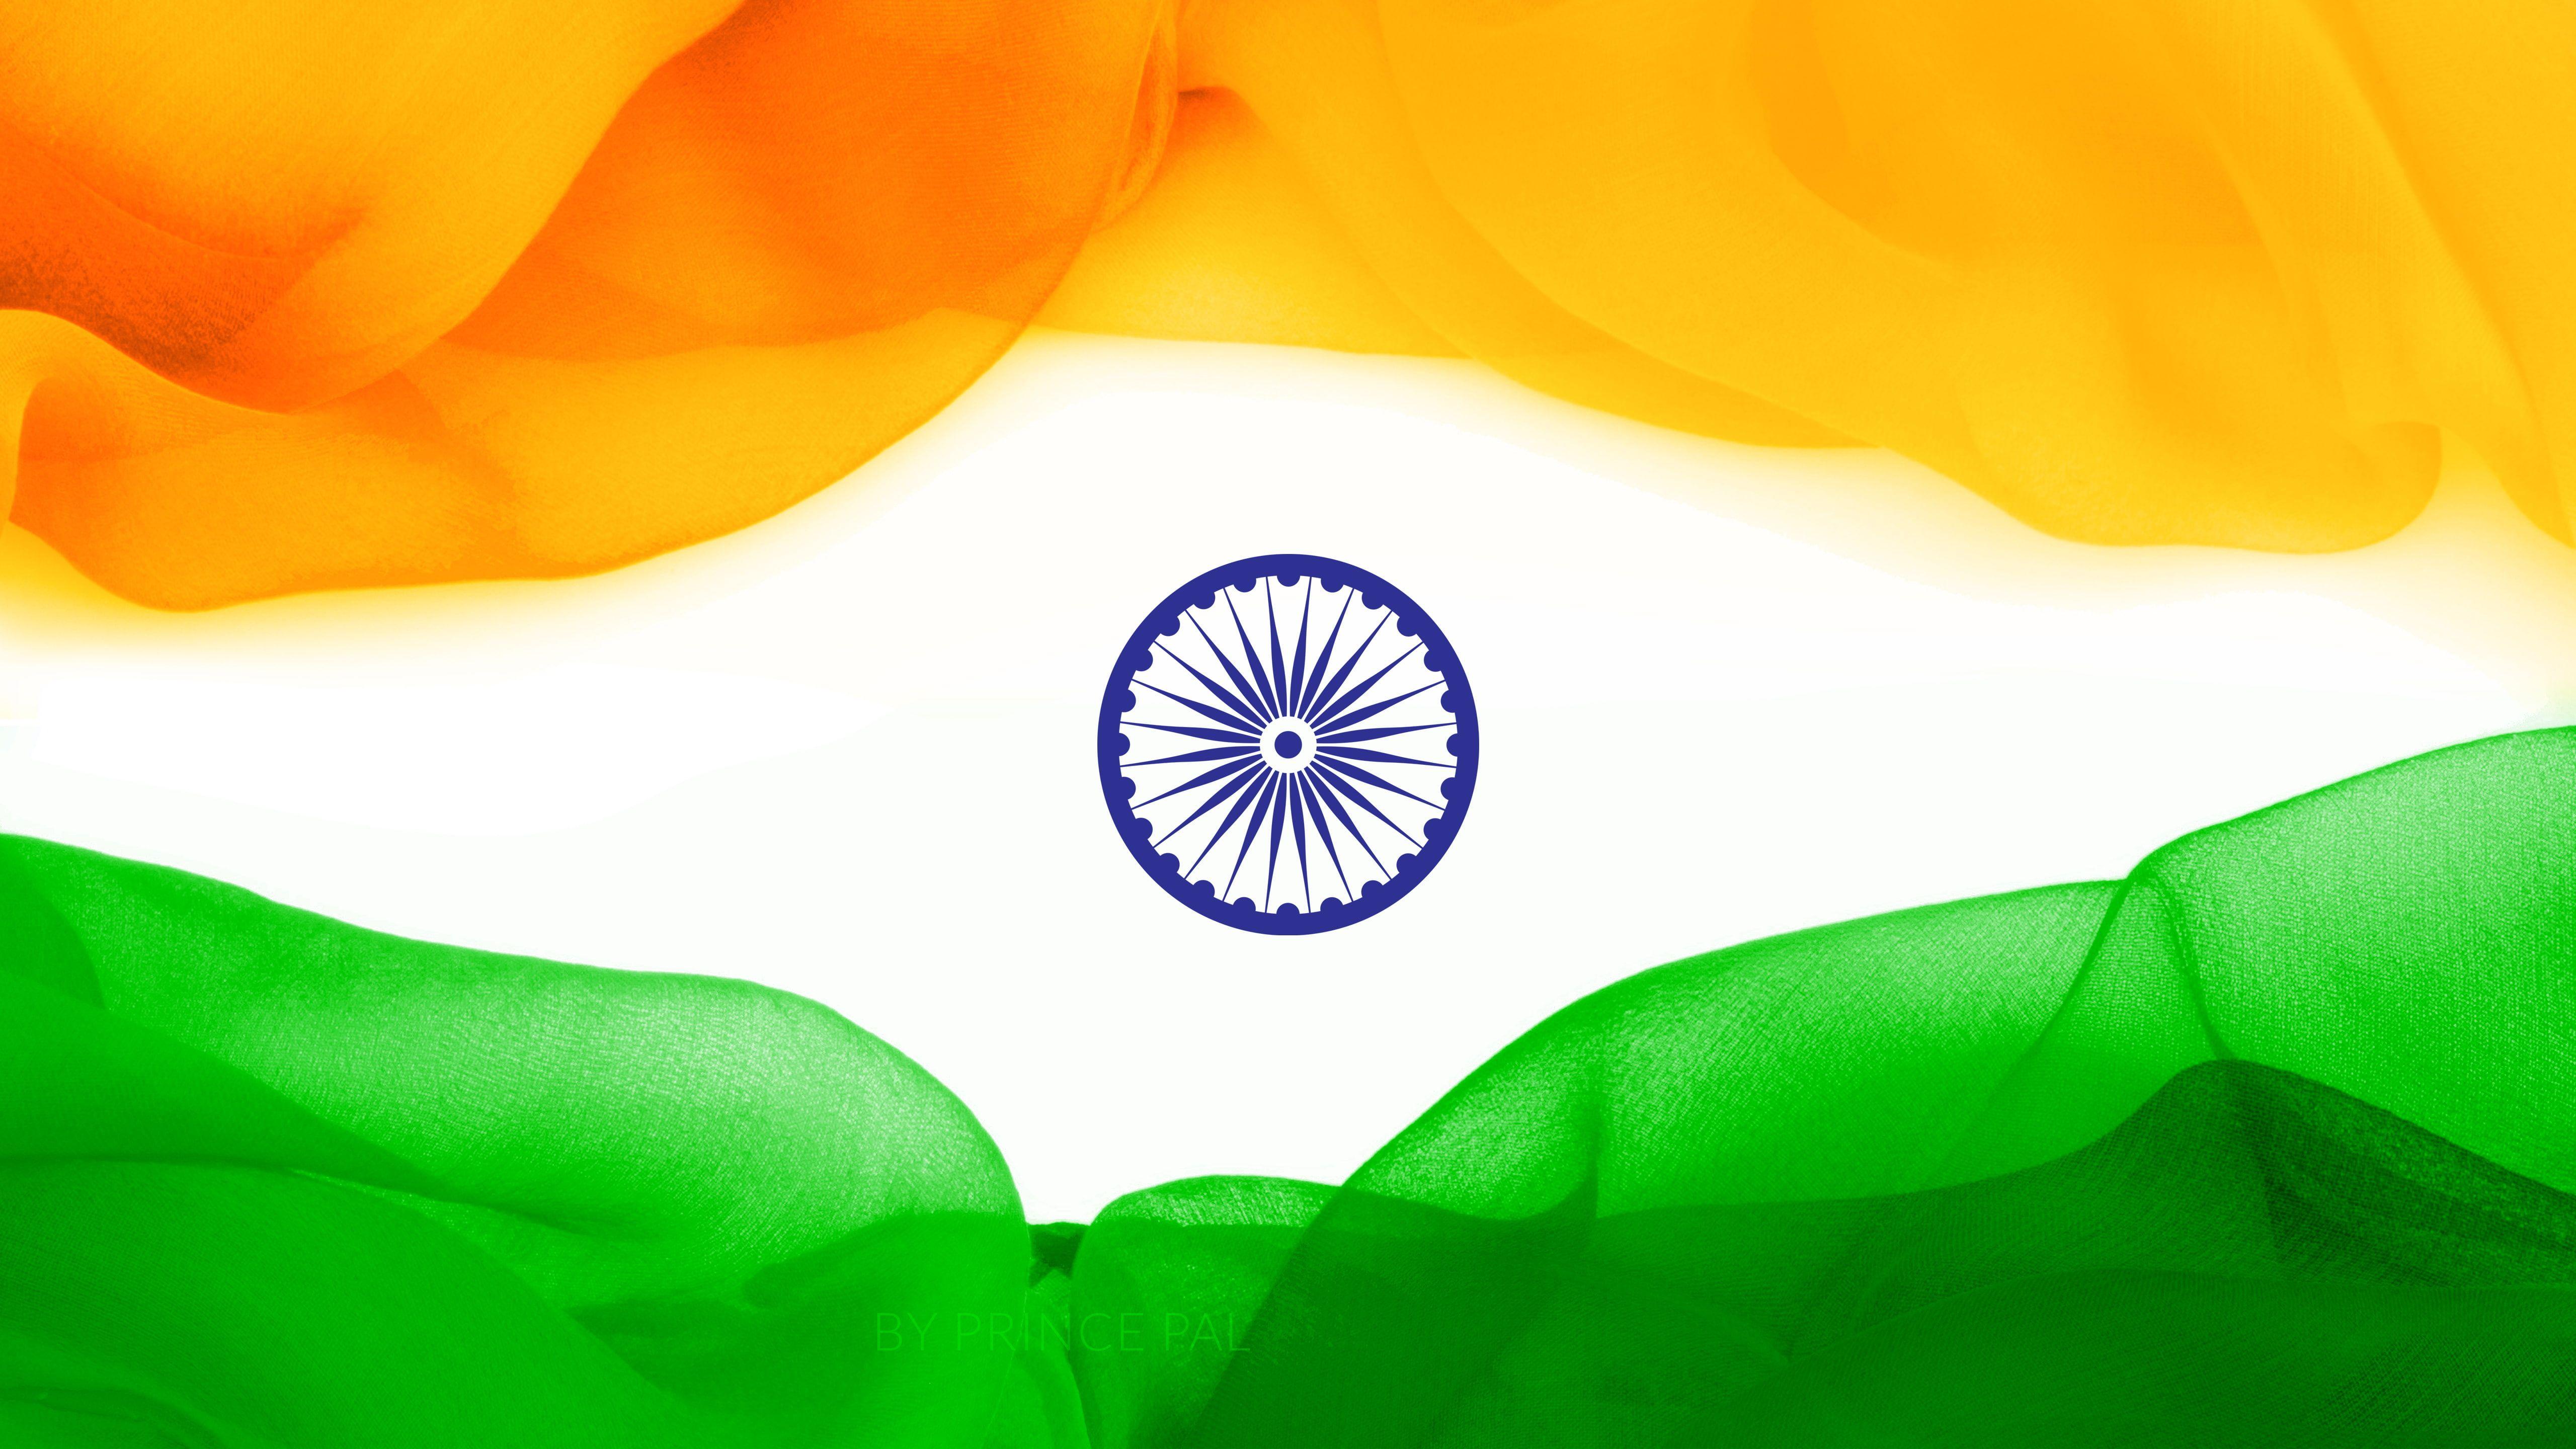 Flag Of India Tricolor 5k 4k 5k Wallpaper Hdwallpaper Desktop In 2020 Indian Flag Images National Flag Photo National Flag